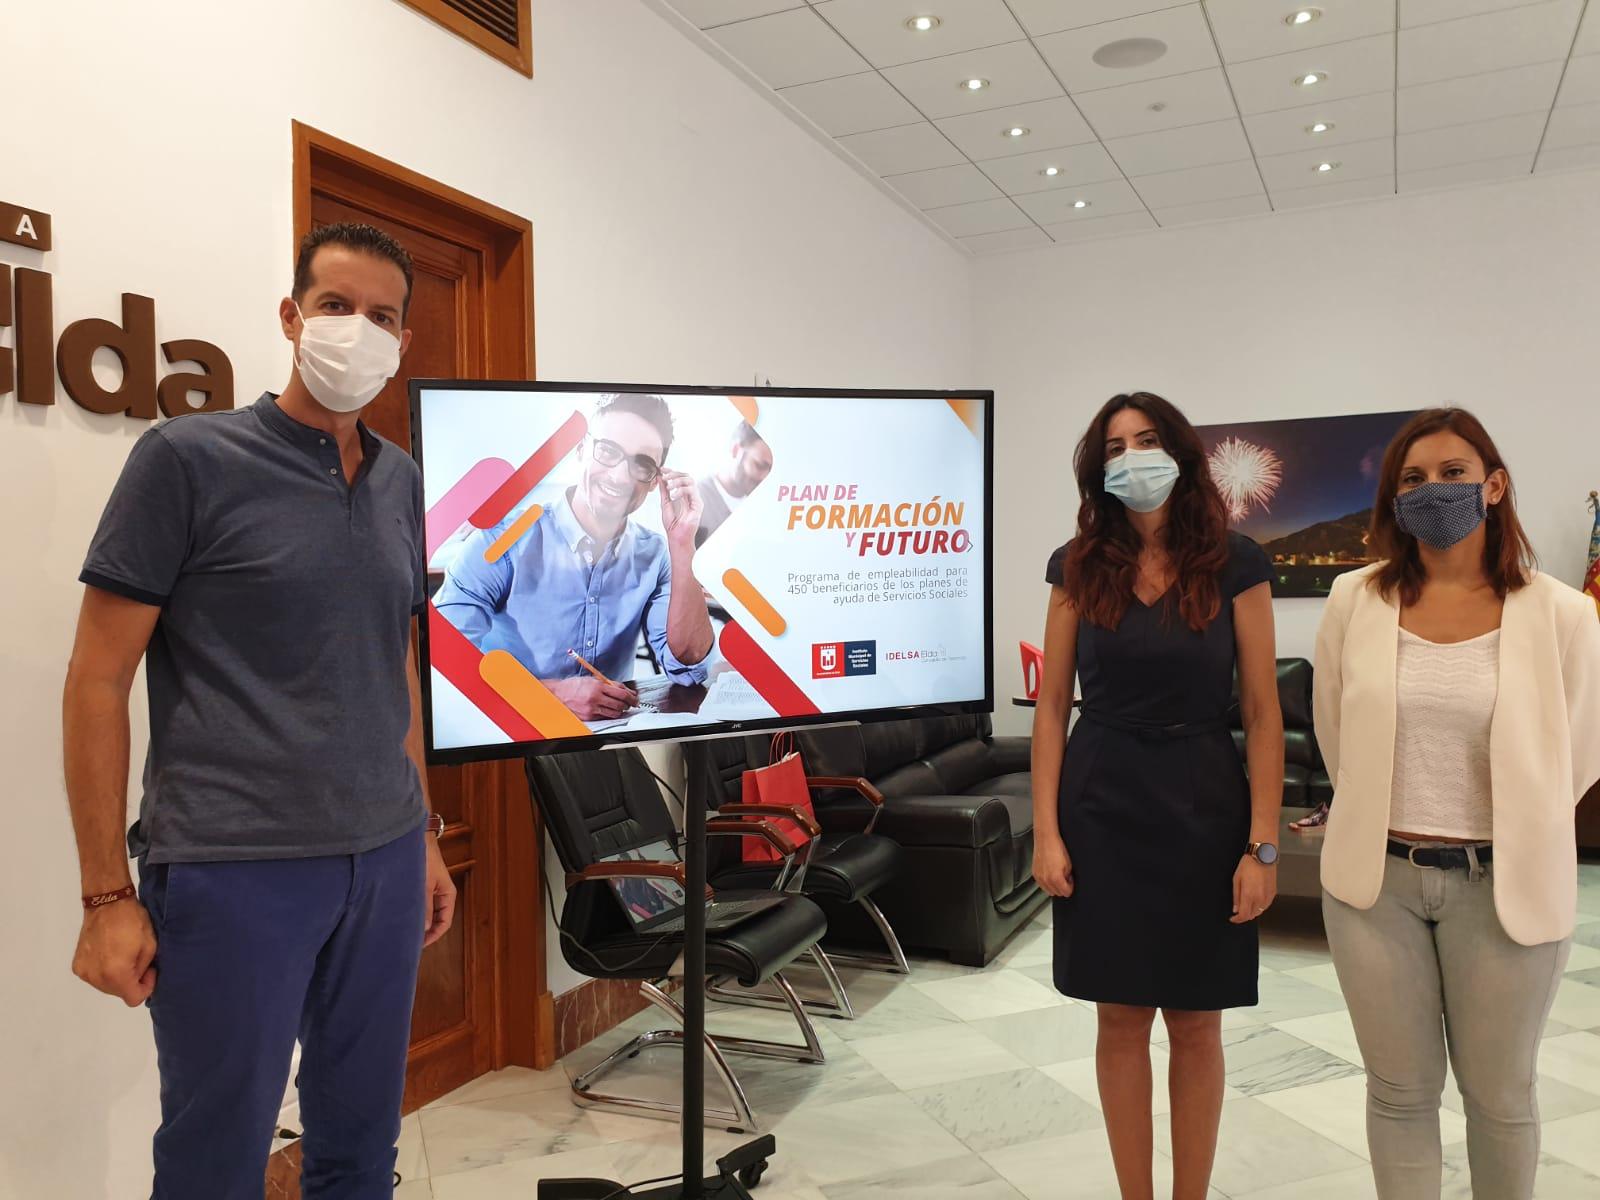 El Ayuntamiento de Elda pone en marcha el plan de formación para 450 personas que han recibido ayudas sociales por la crisis sanitaria